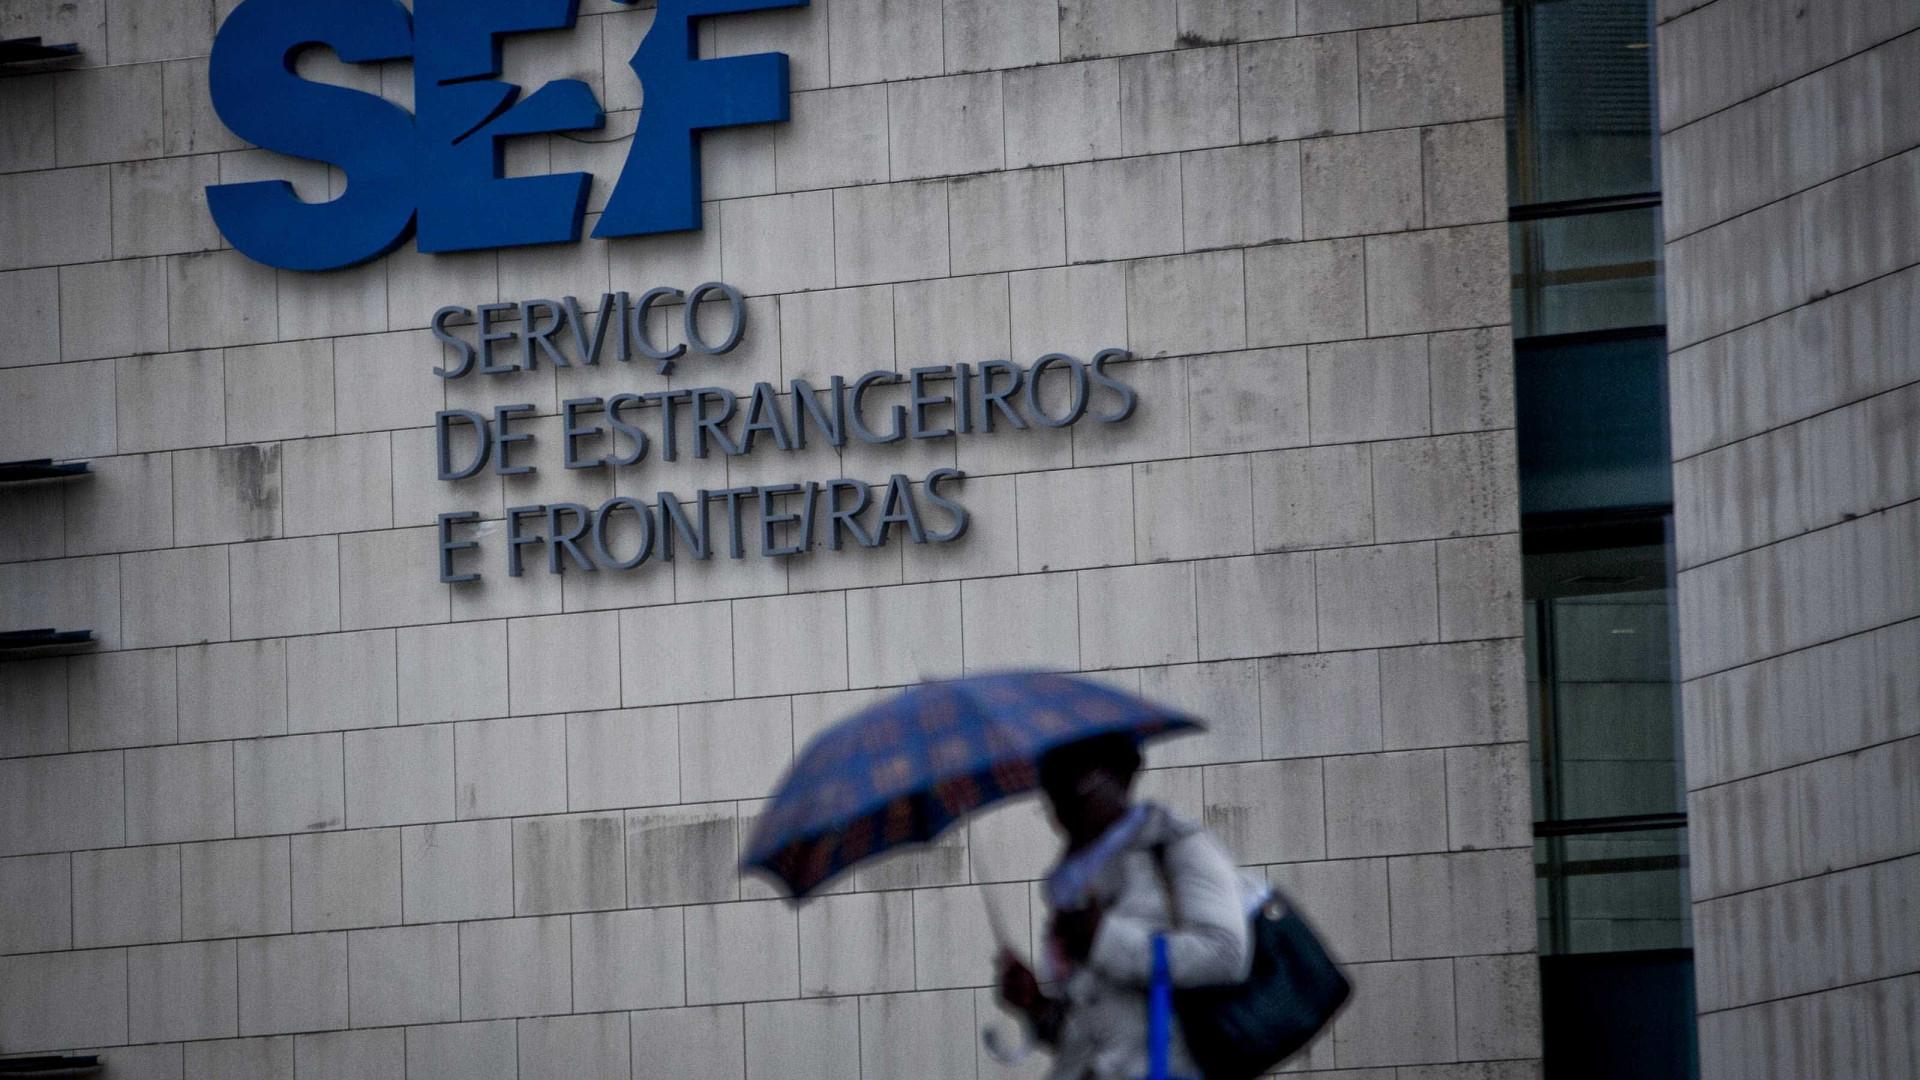 SEF notificou 11 estrangeiros na região Centro para abandonarem o país